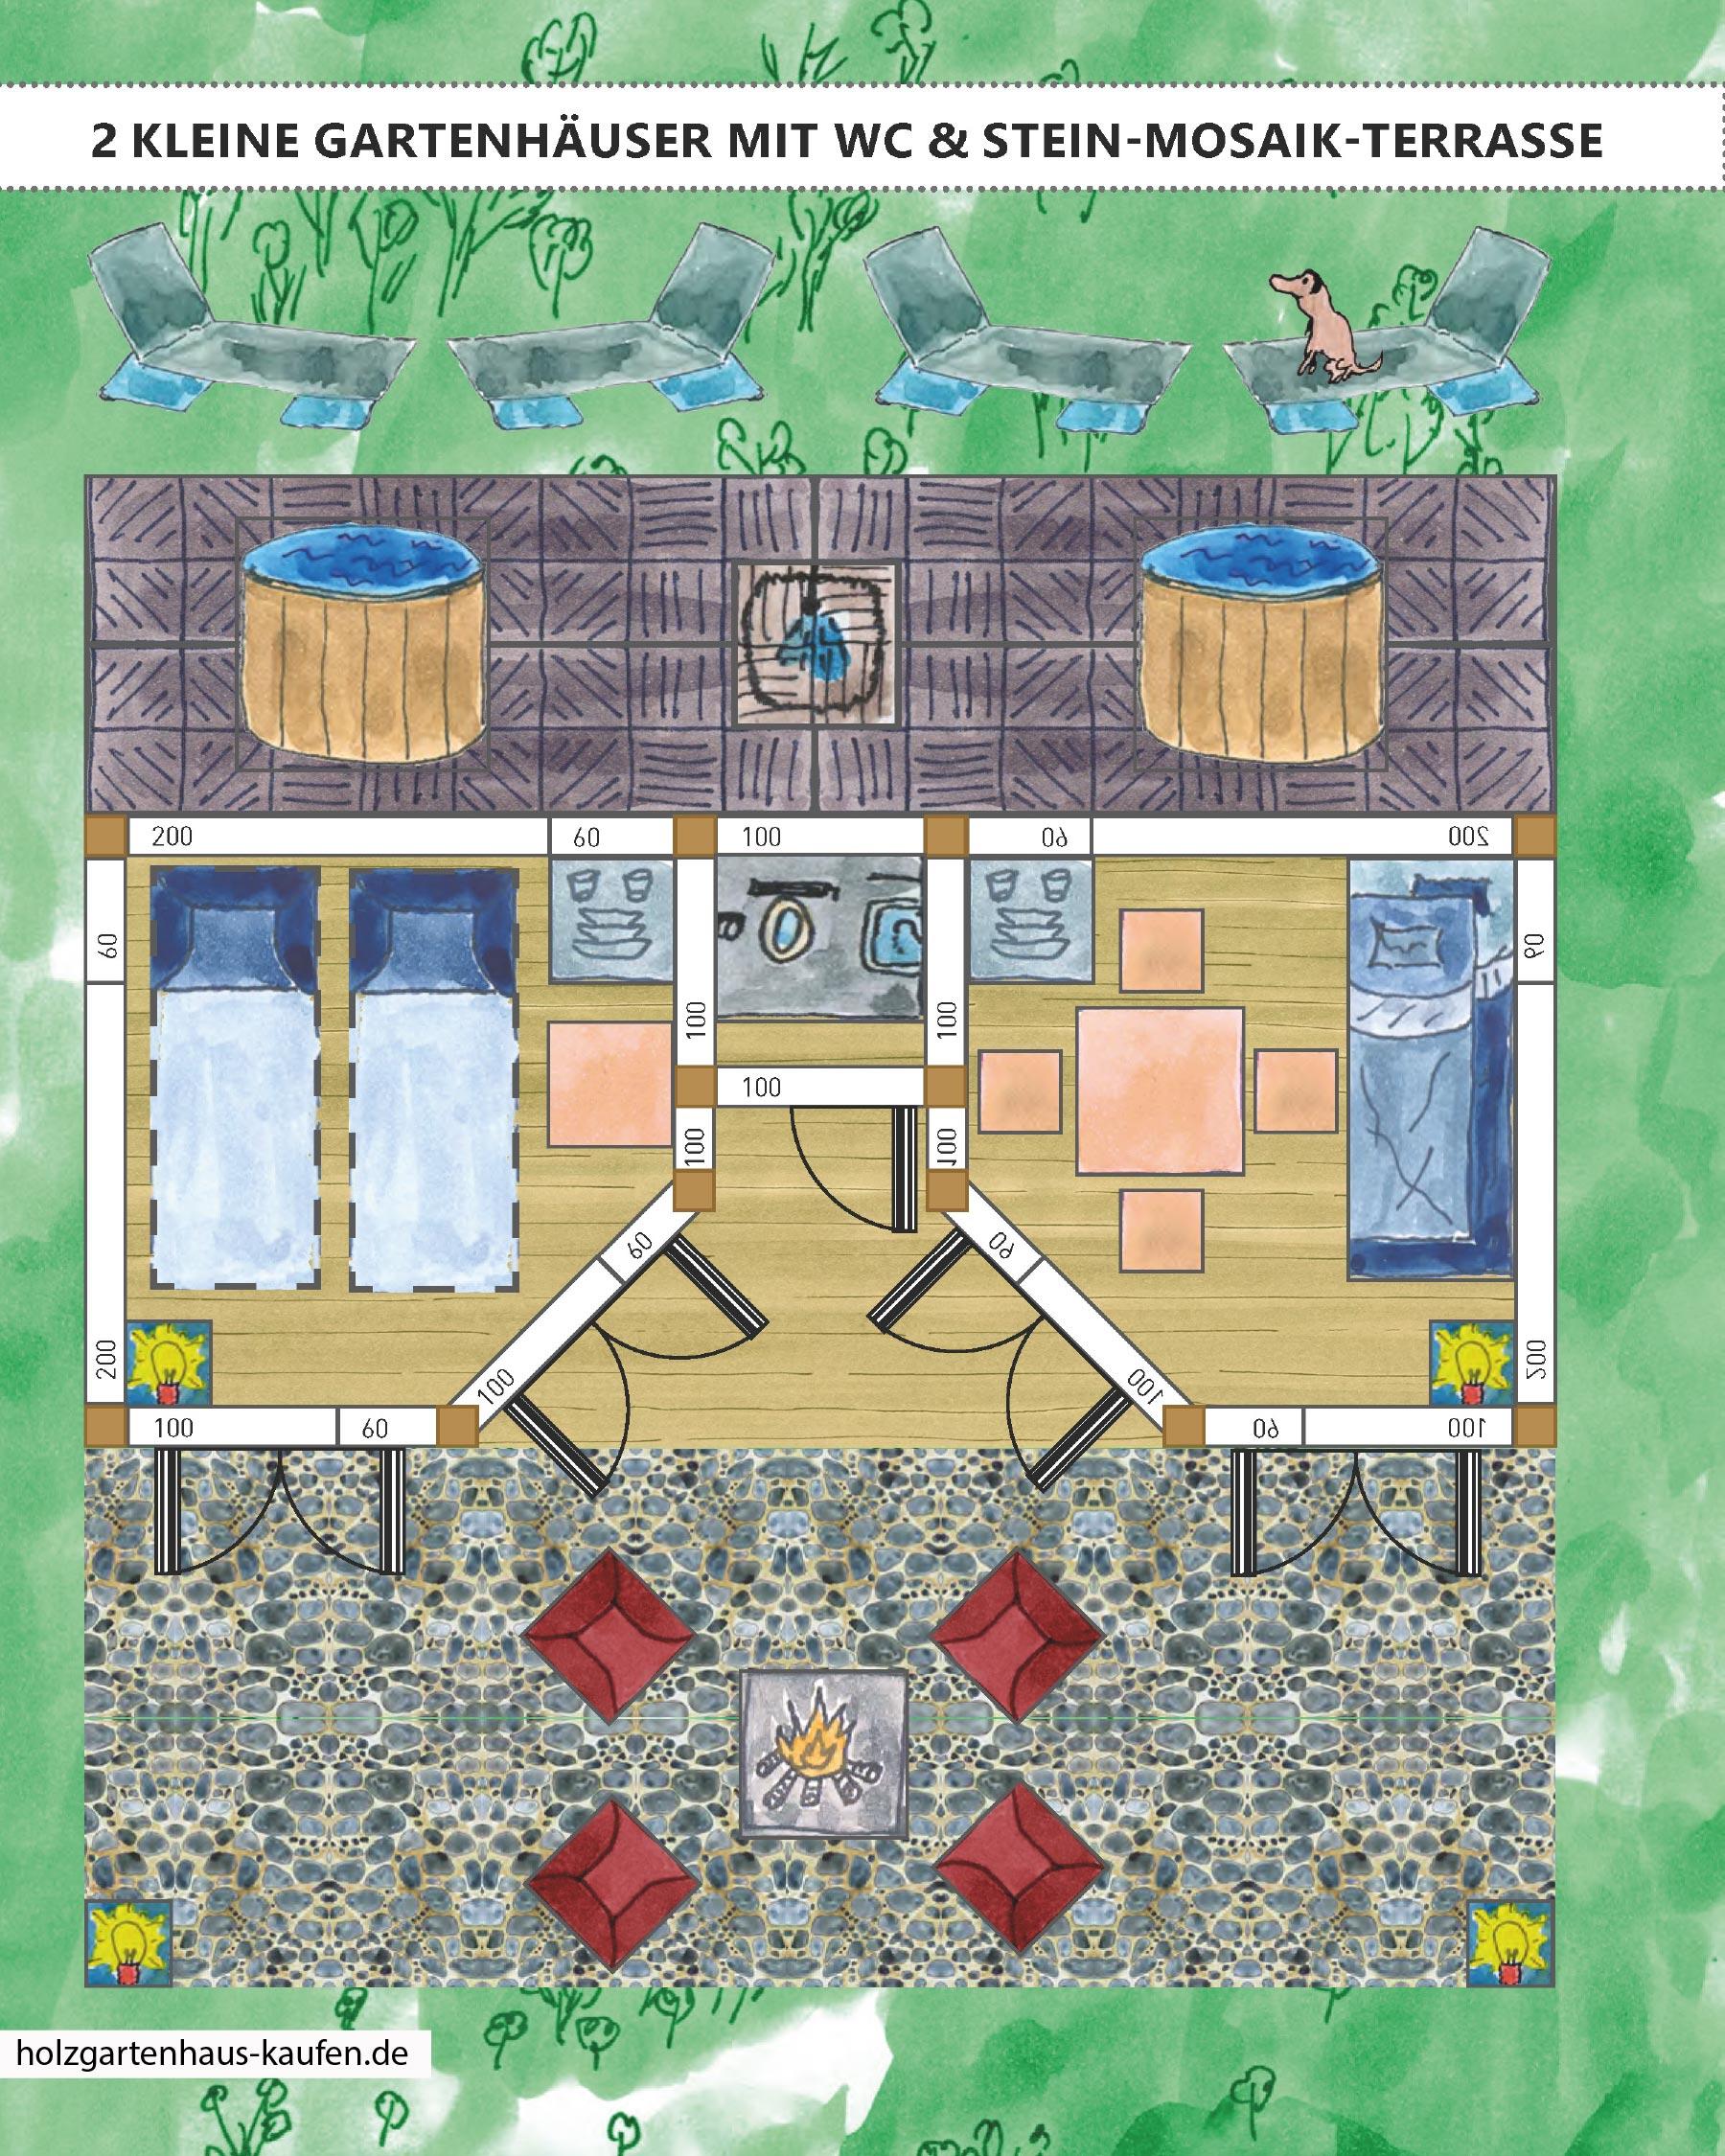 2 Raum Gartenhaus Aus Holz Mit Stein Mosaik Terrasse Und Badefass Und  Feuerstelle